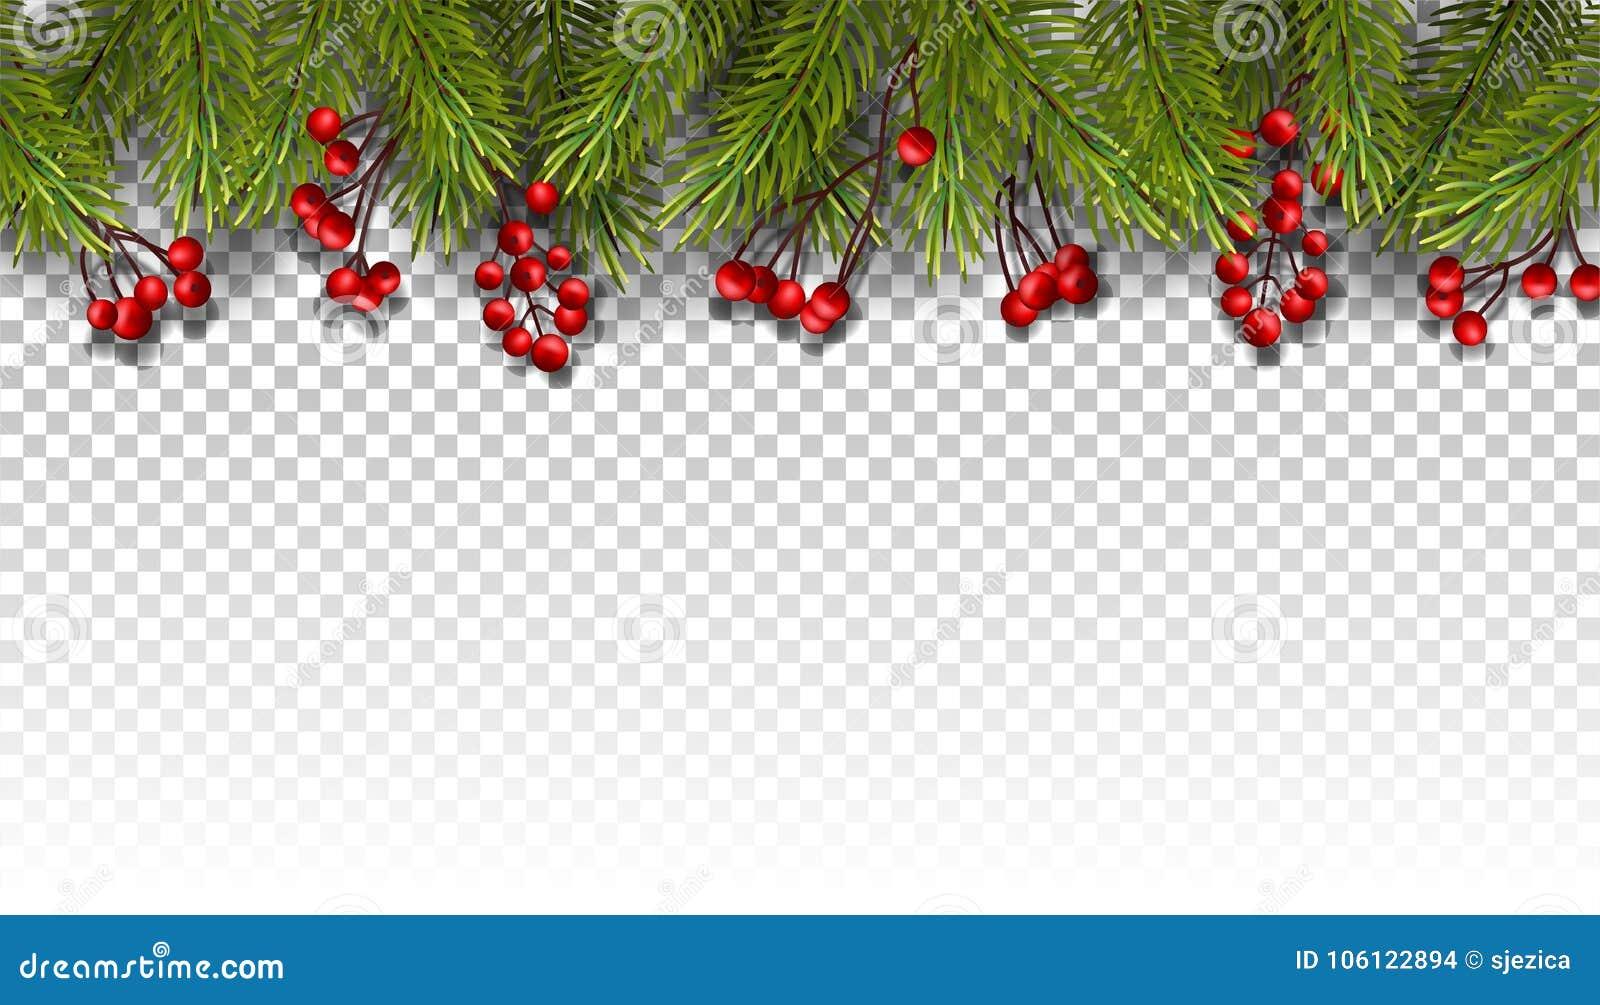 Fond de vacances avec des branches de sapin et des baies rouges